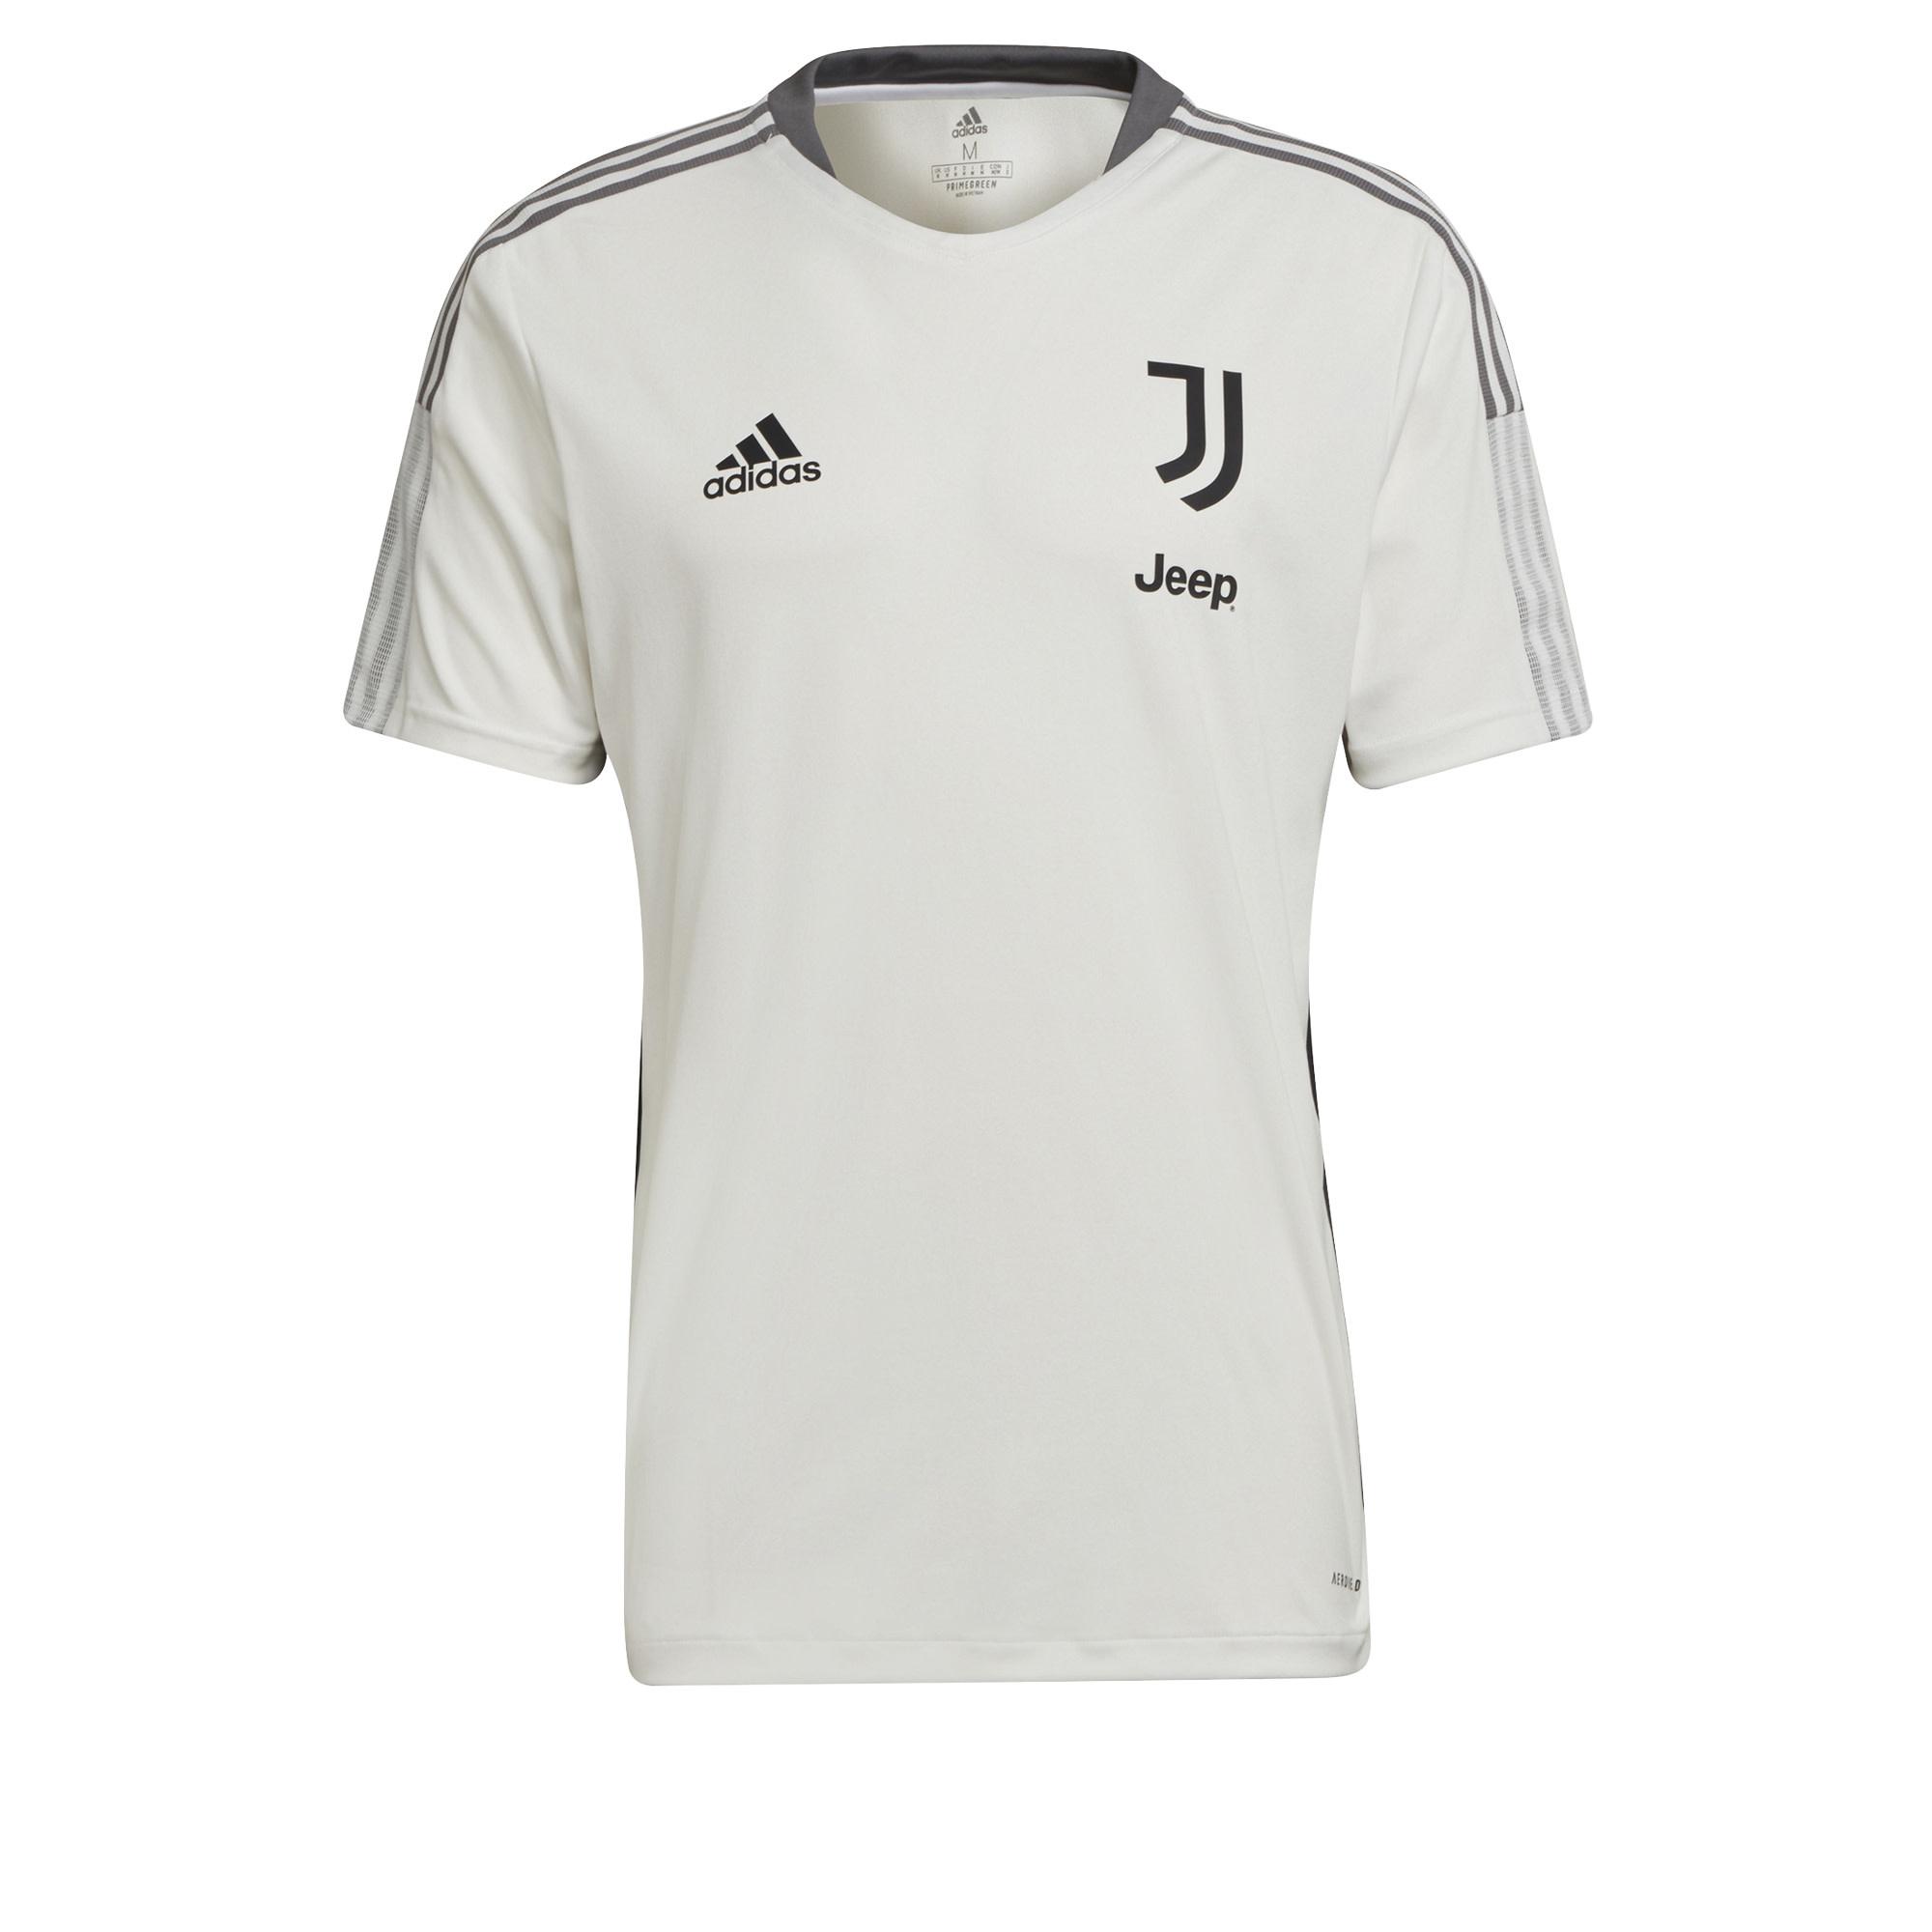 Adidas Juventus Training Jersey